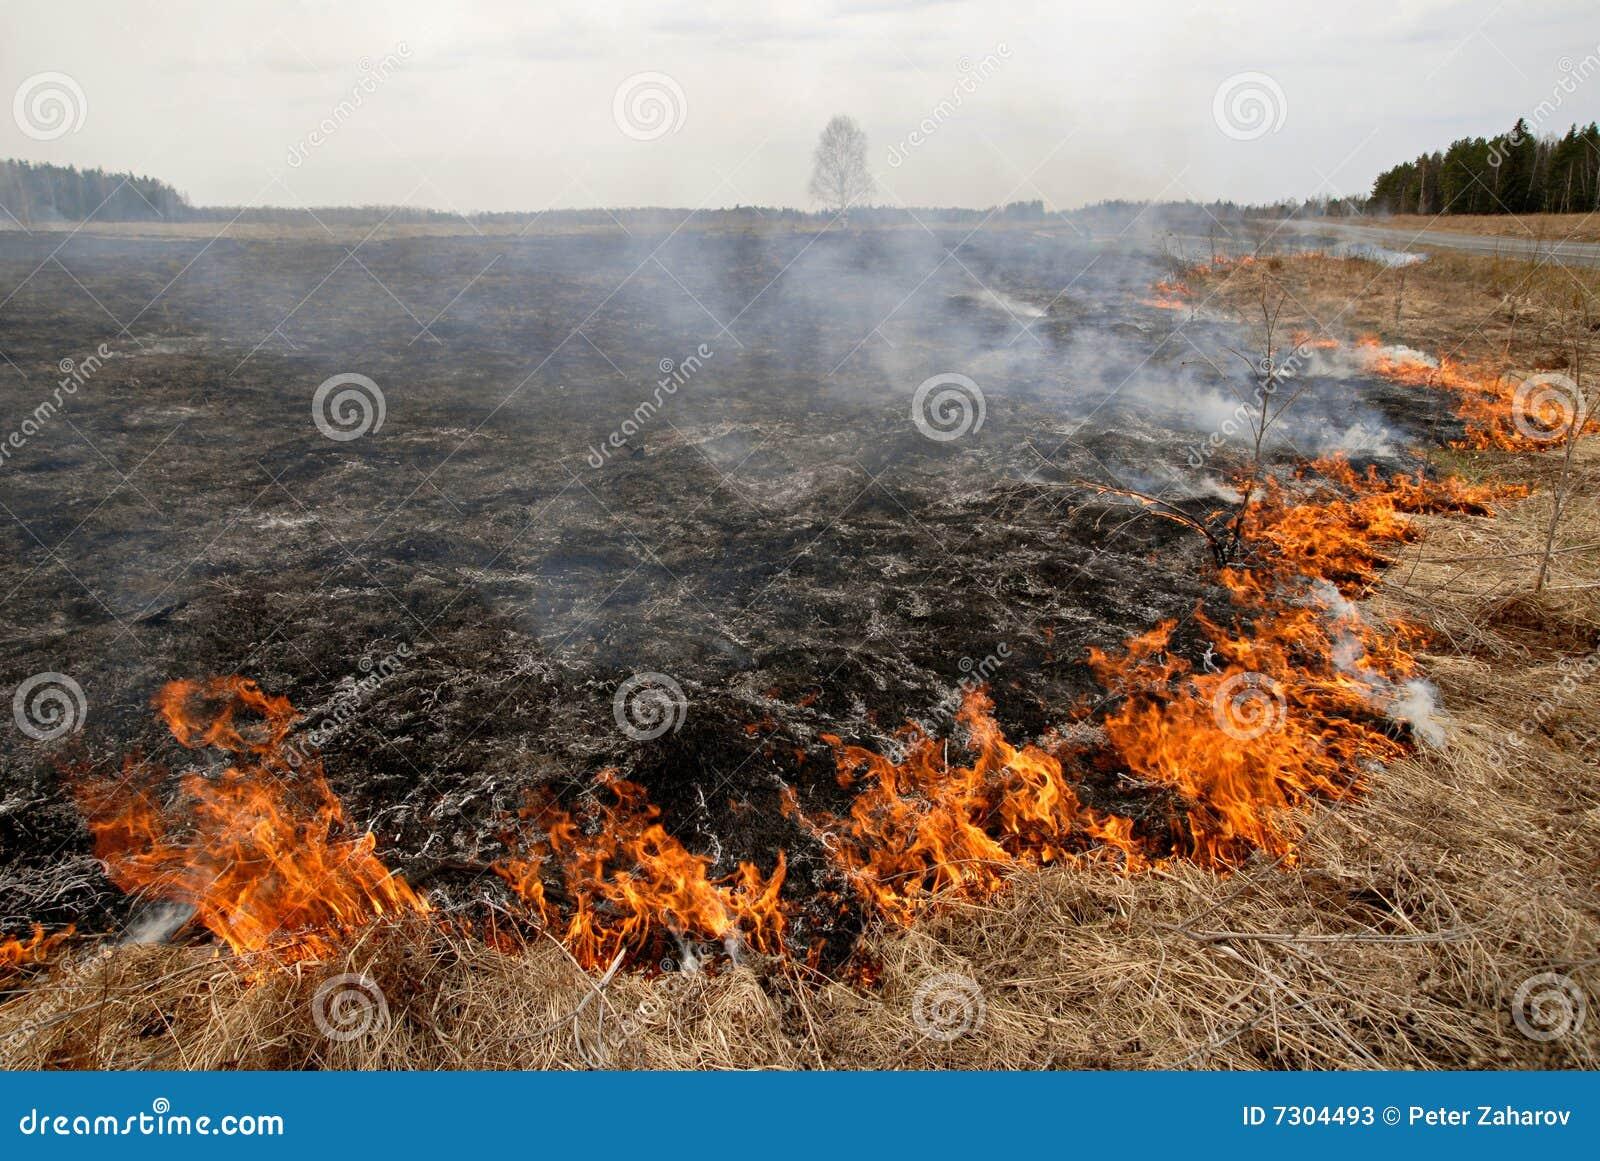 Grande fuoco nel campo di erba asciutta.